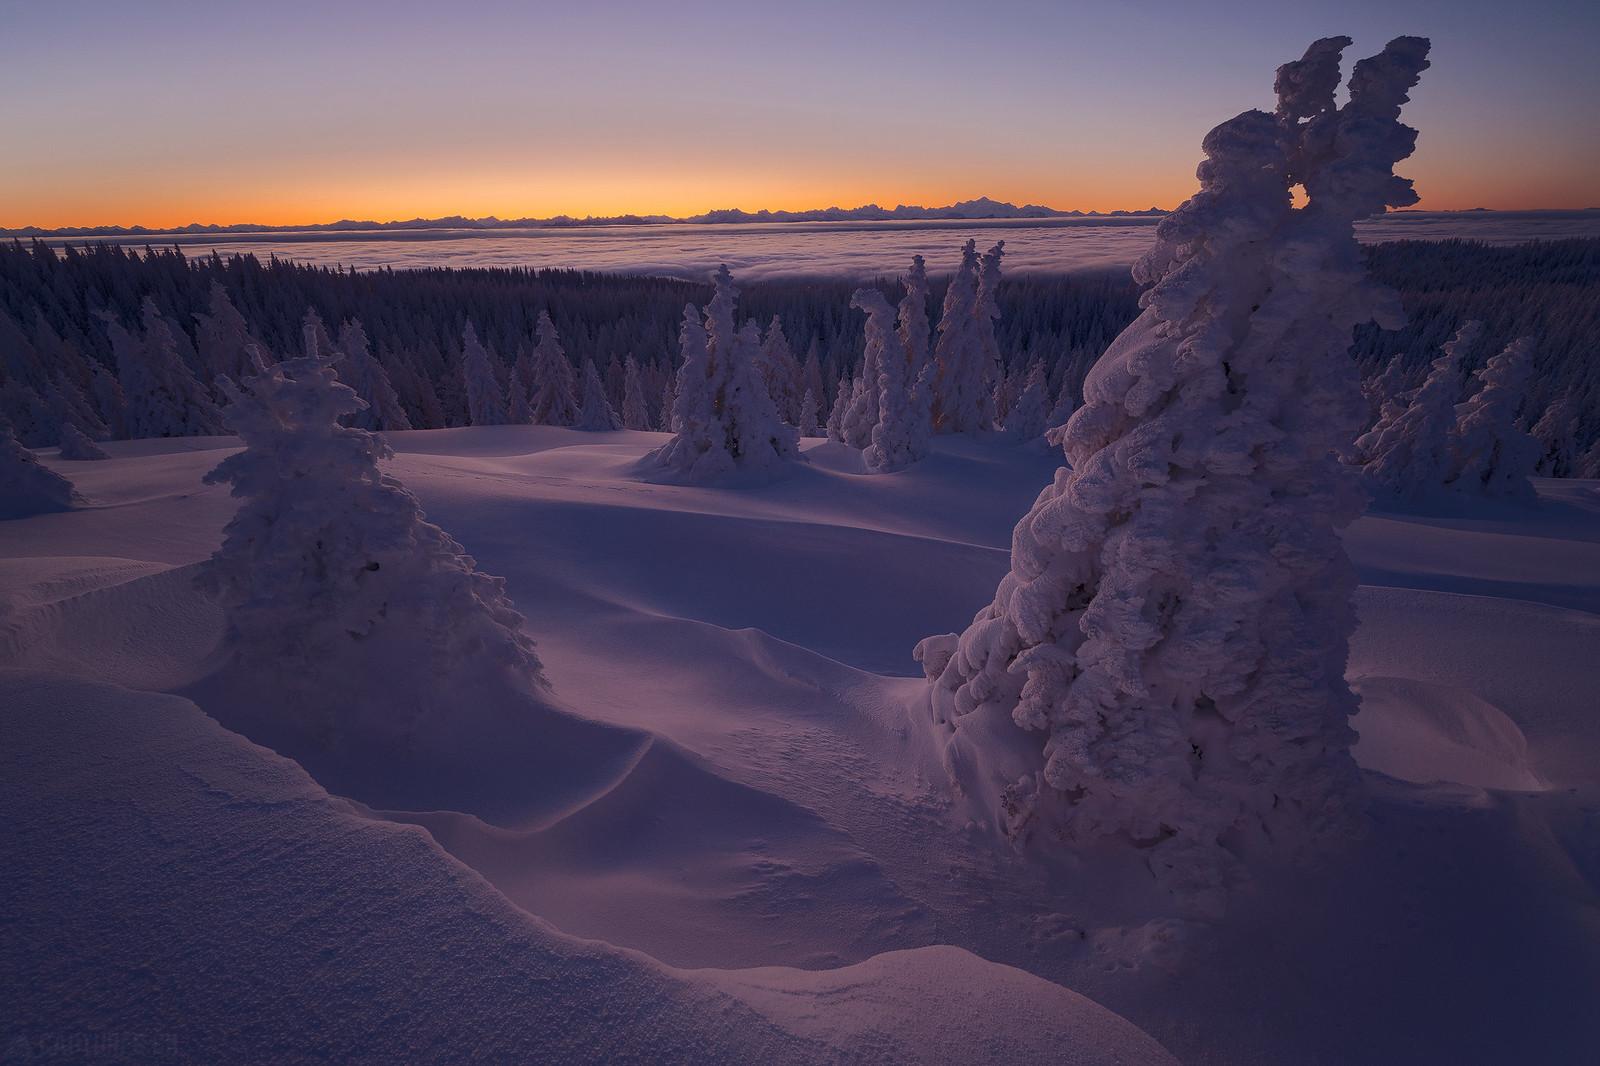 Morning light - Jura